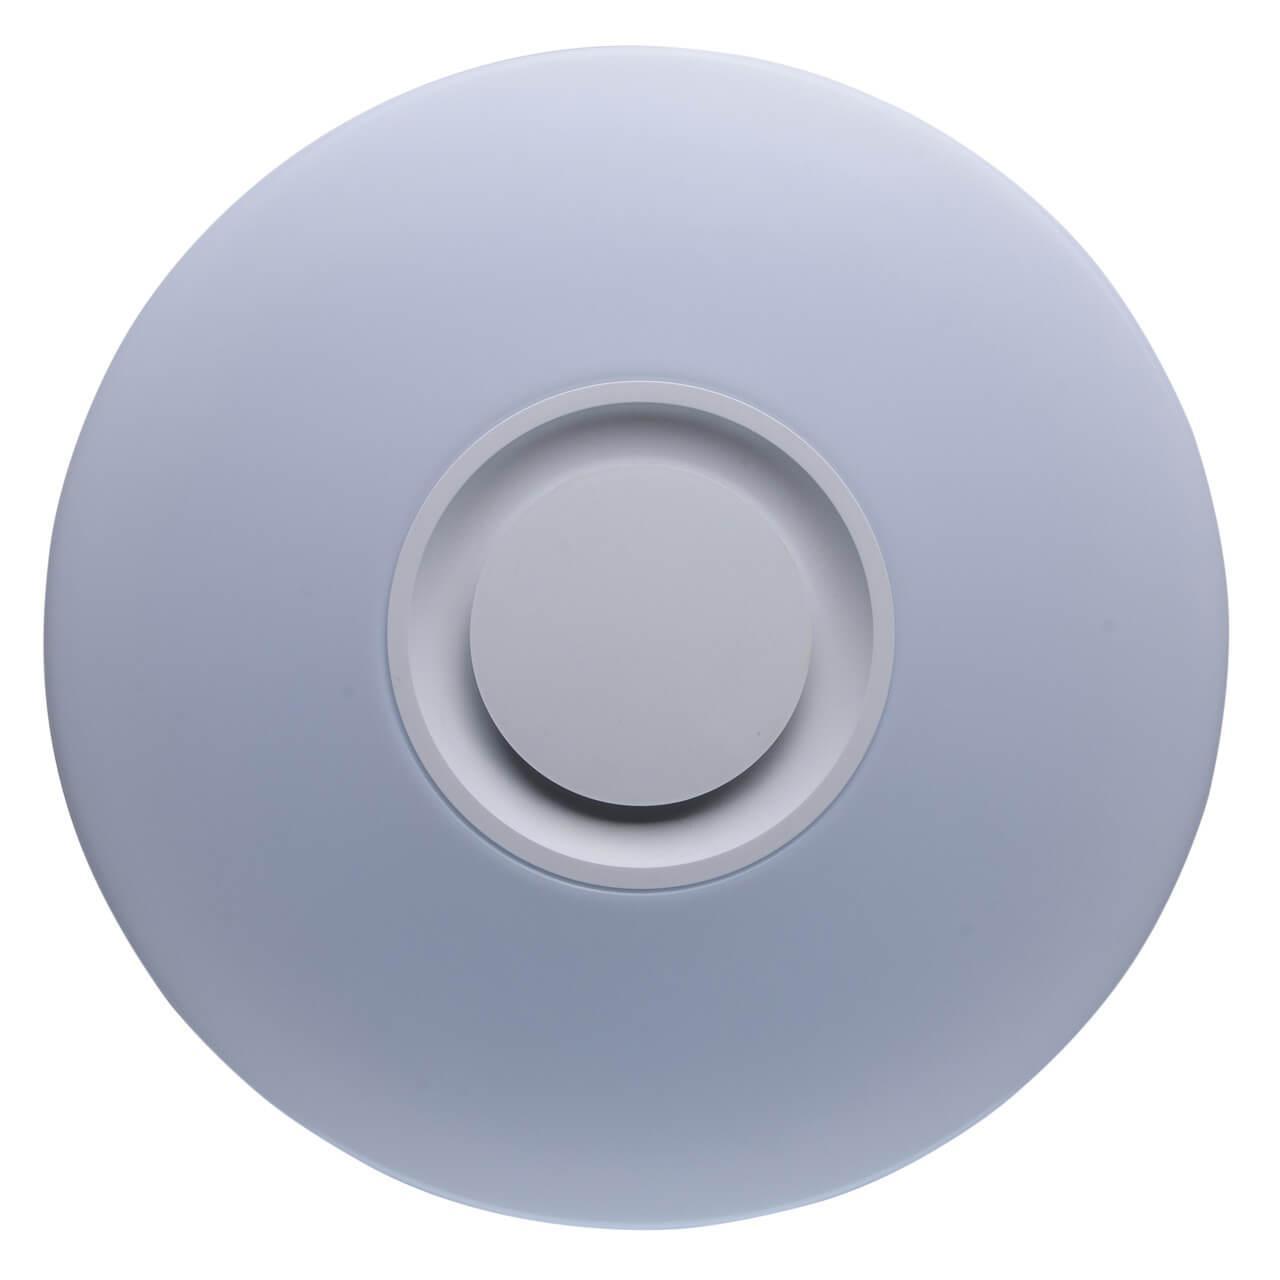 Потолочный светильник De Markt 660012201, LED, 48 Вт